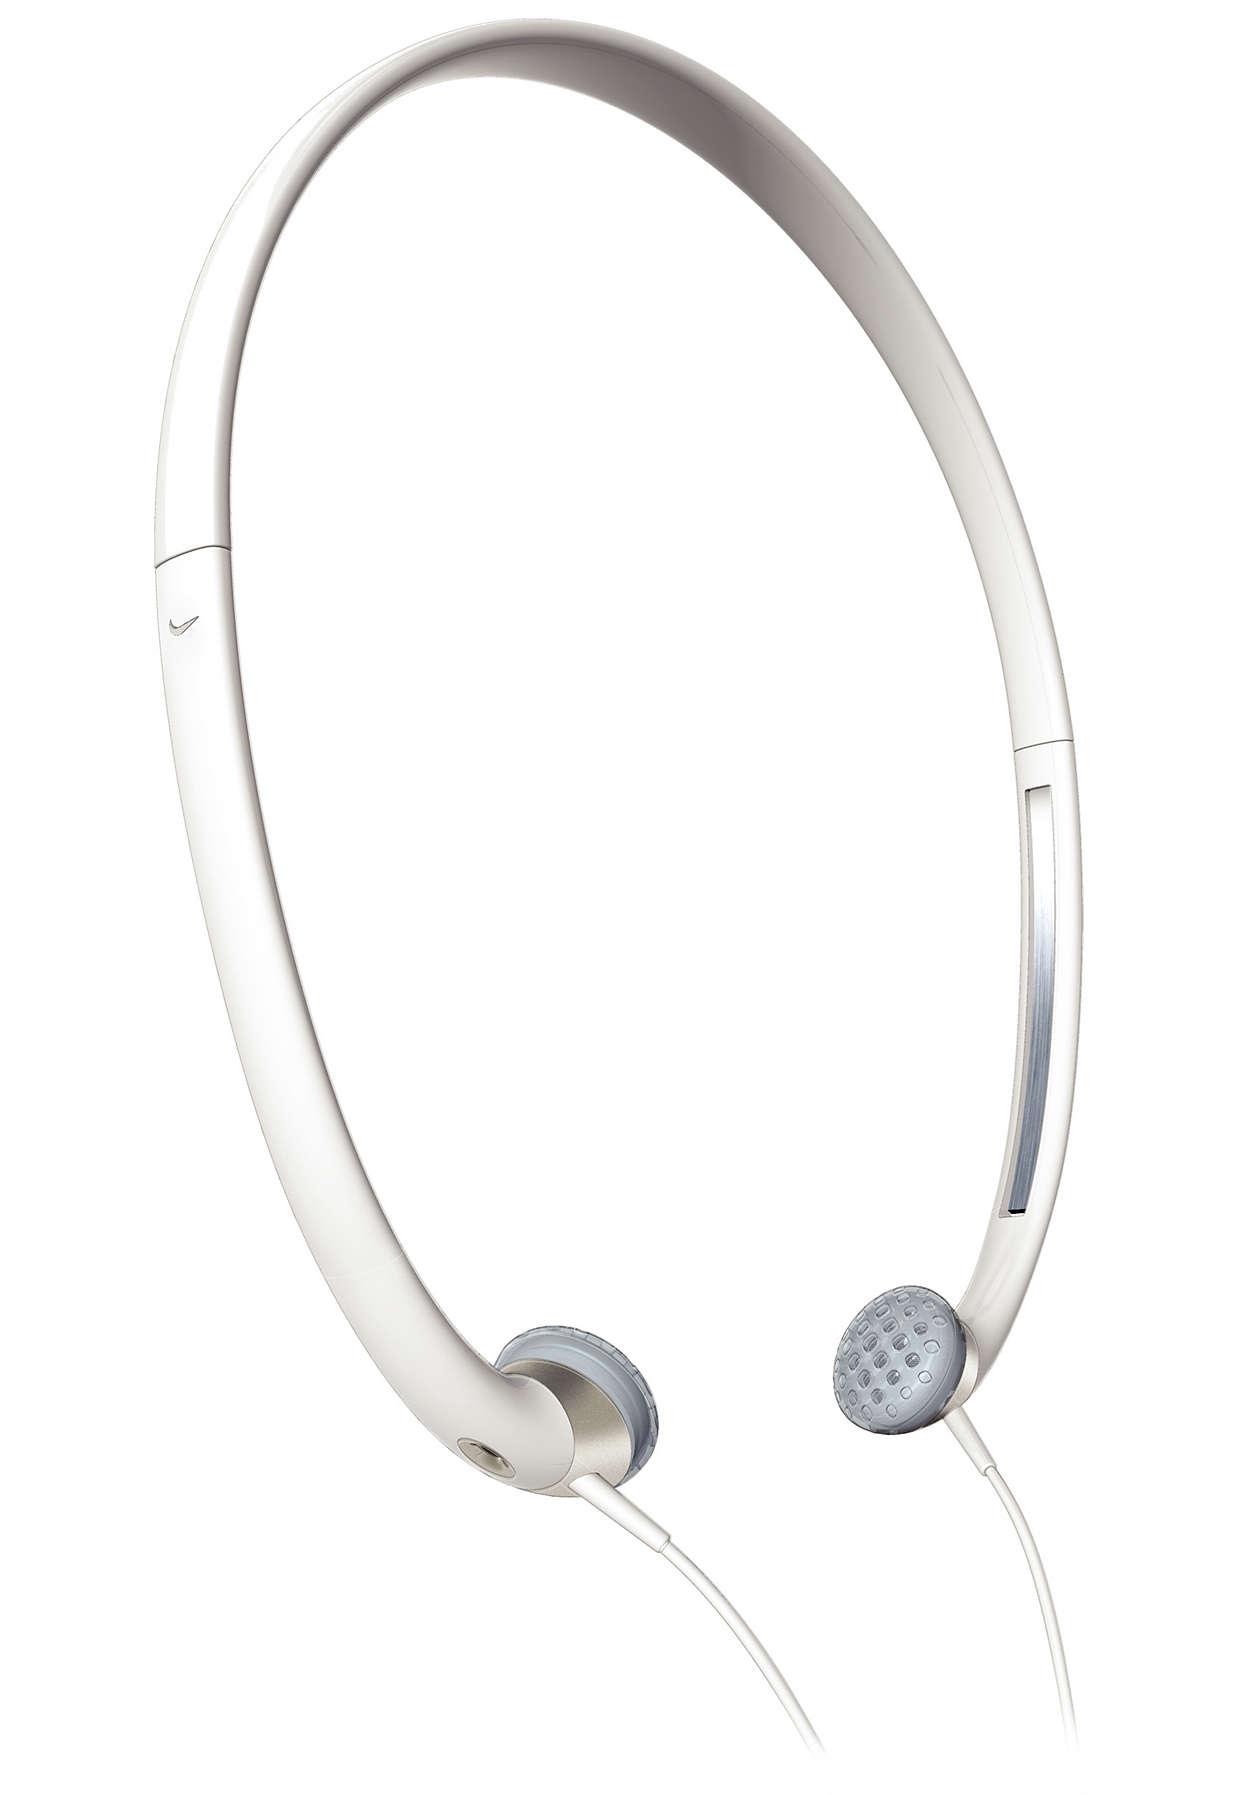 521aadaa583 Headband headphones SHJ047/00   Philips